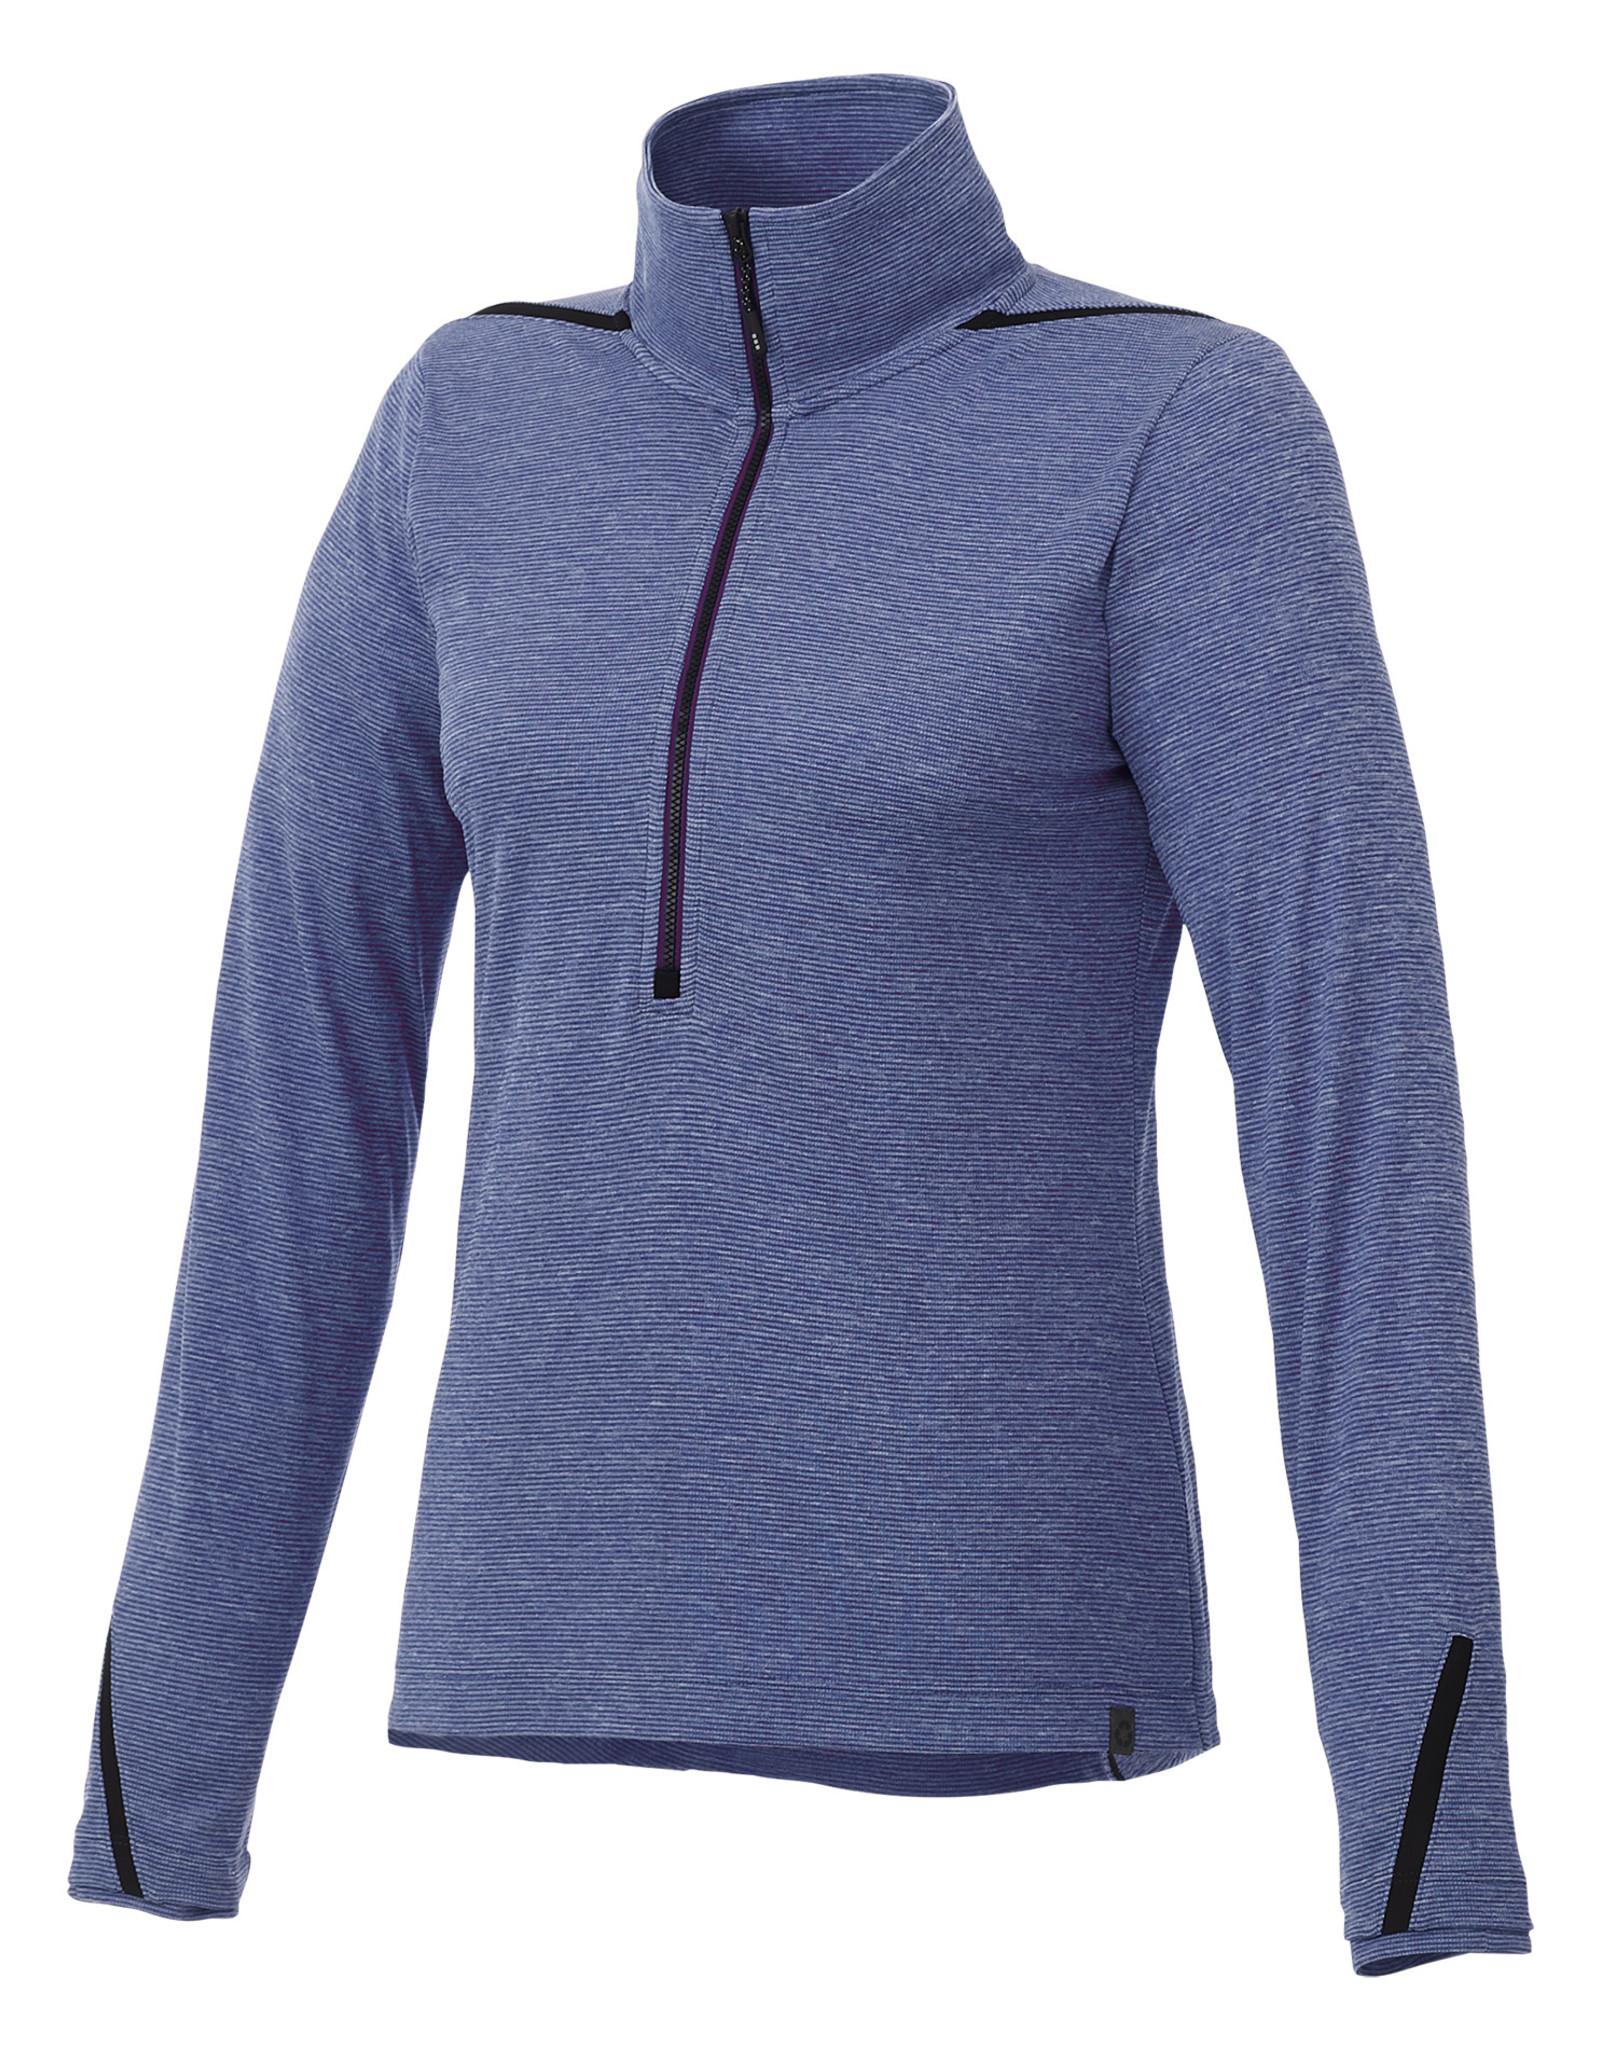 Women's Eco Knit 1/2 Zip